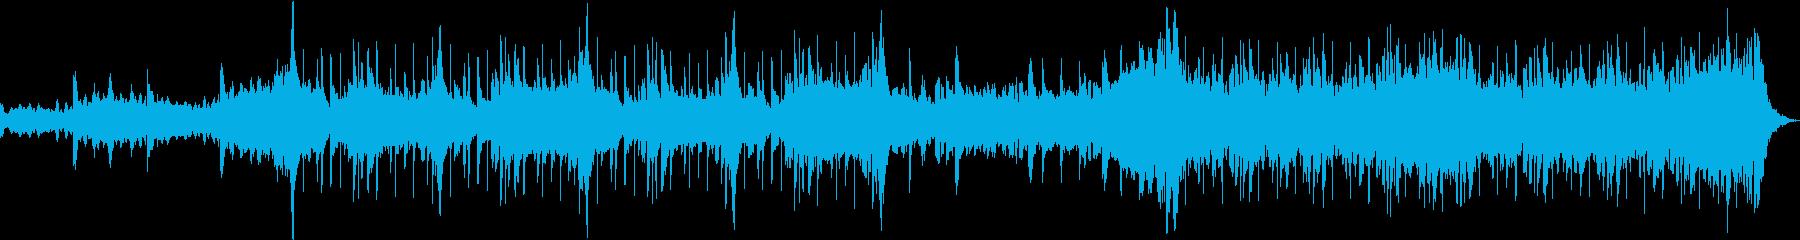 幻想的なchill hiphopの再生済みの波形